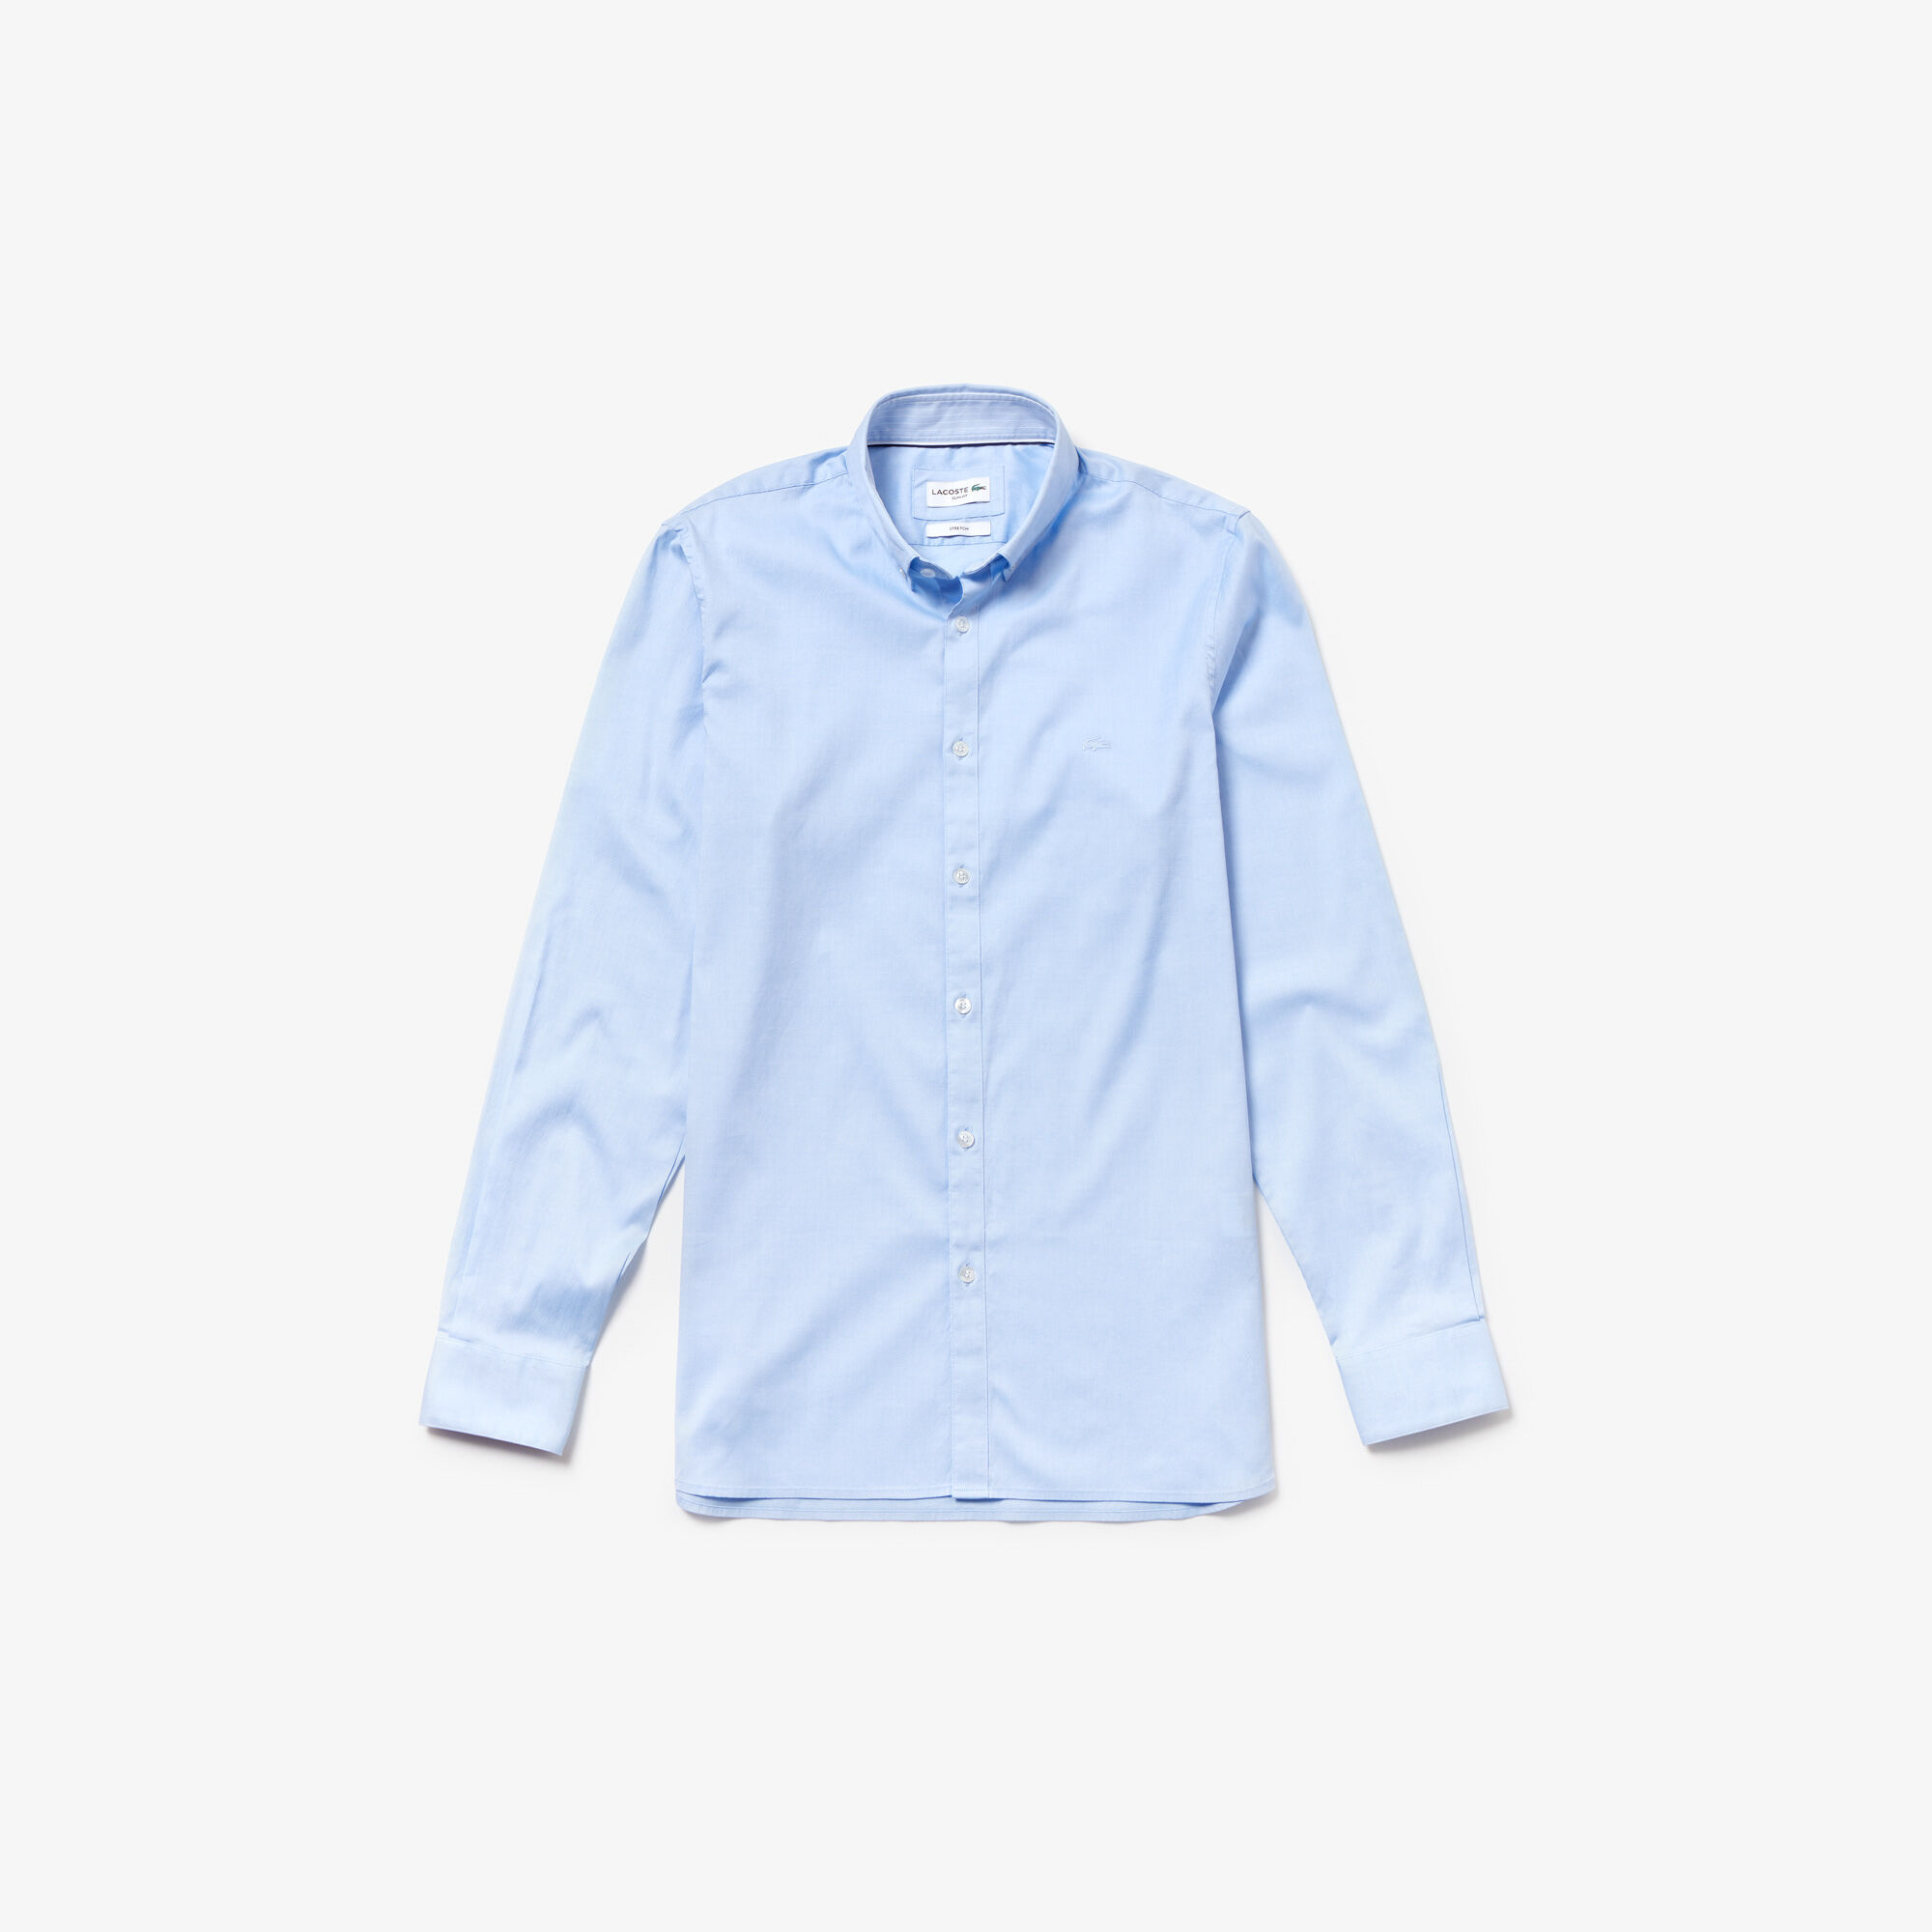 قميص للرجال ذو قصة ضيقة من قطن بينبوينت المرن